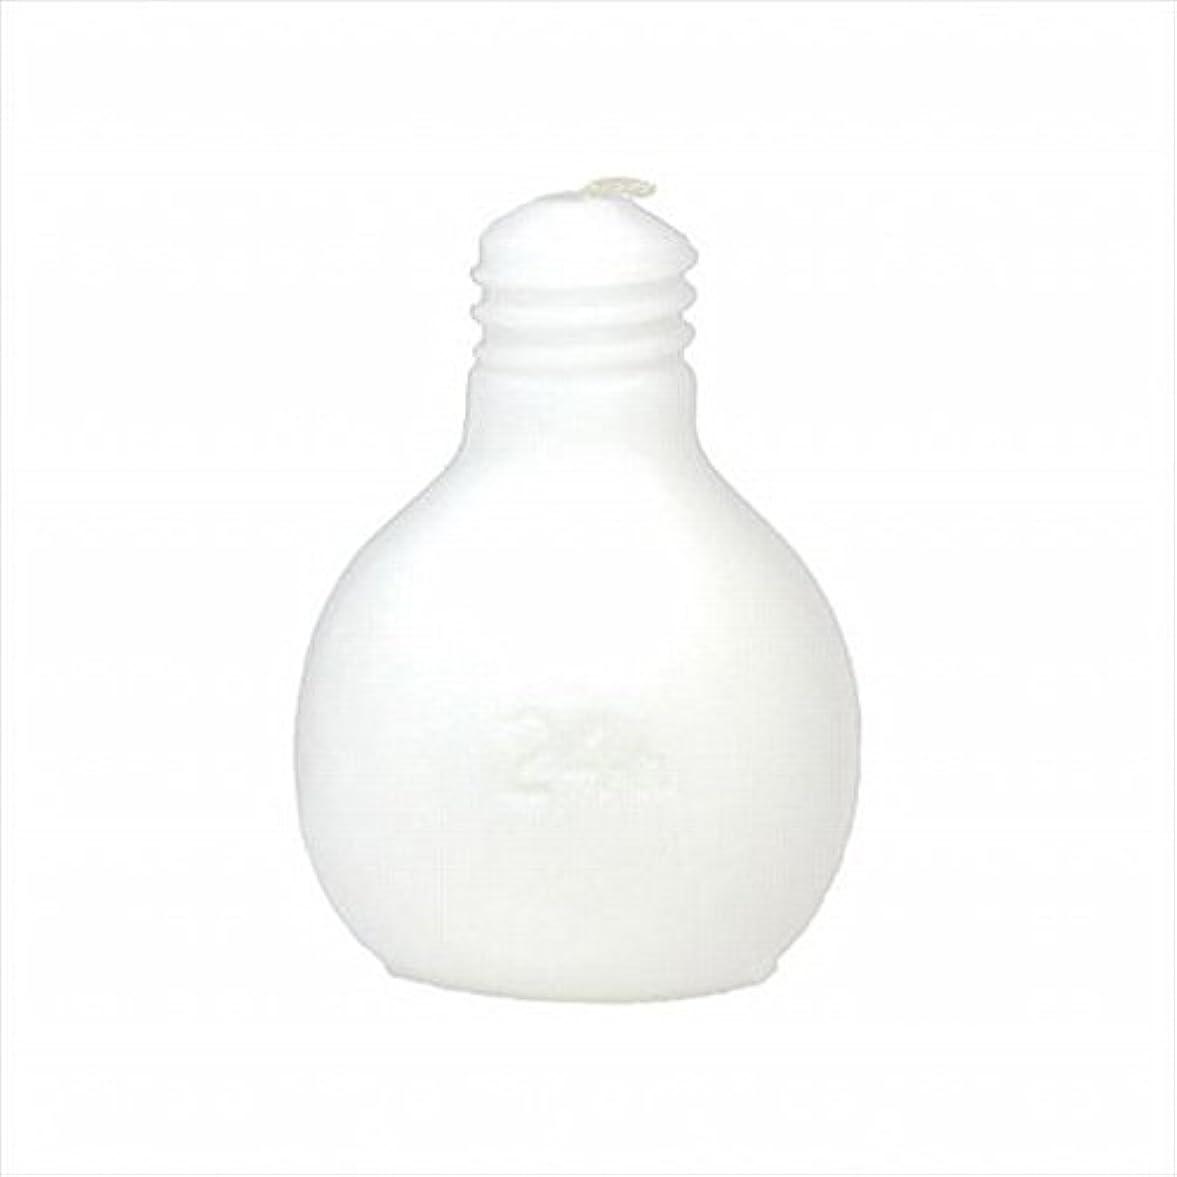 生織るフルーツkameyama candle(カメヤマキャンドル) 節電球キャンドル 「 ホワイト 」 キャンドル 75x75x98mm (A4220000W)